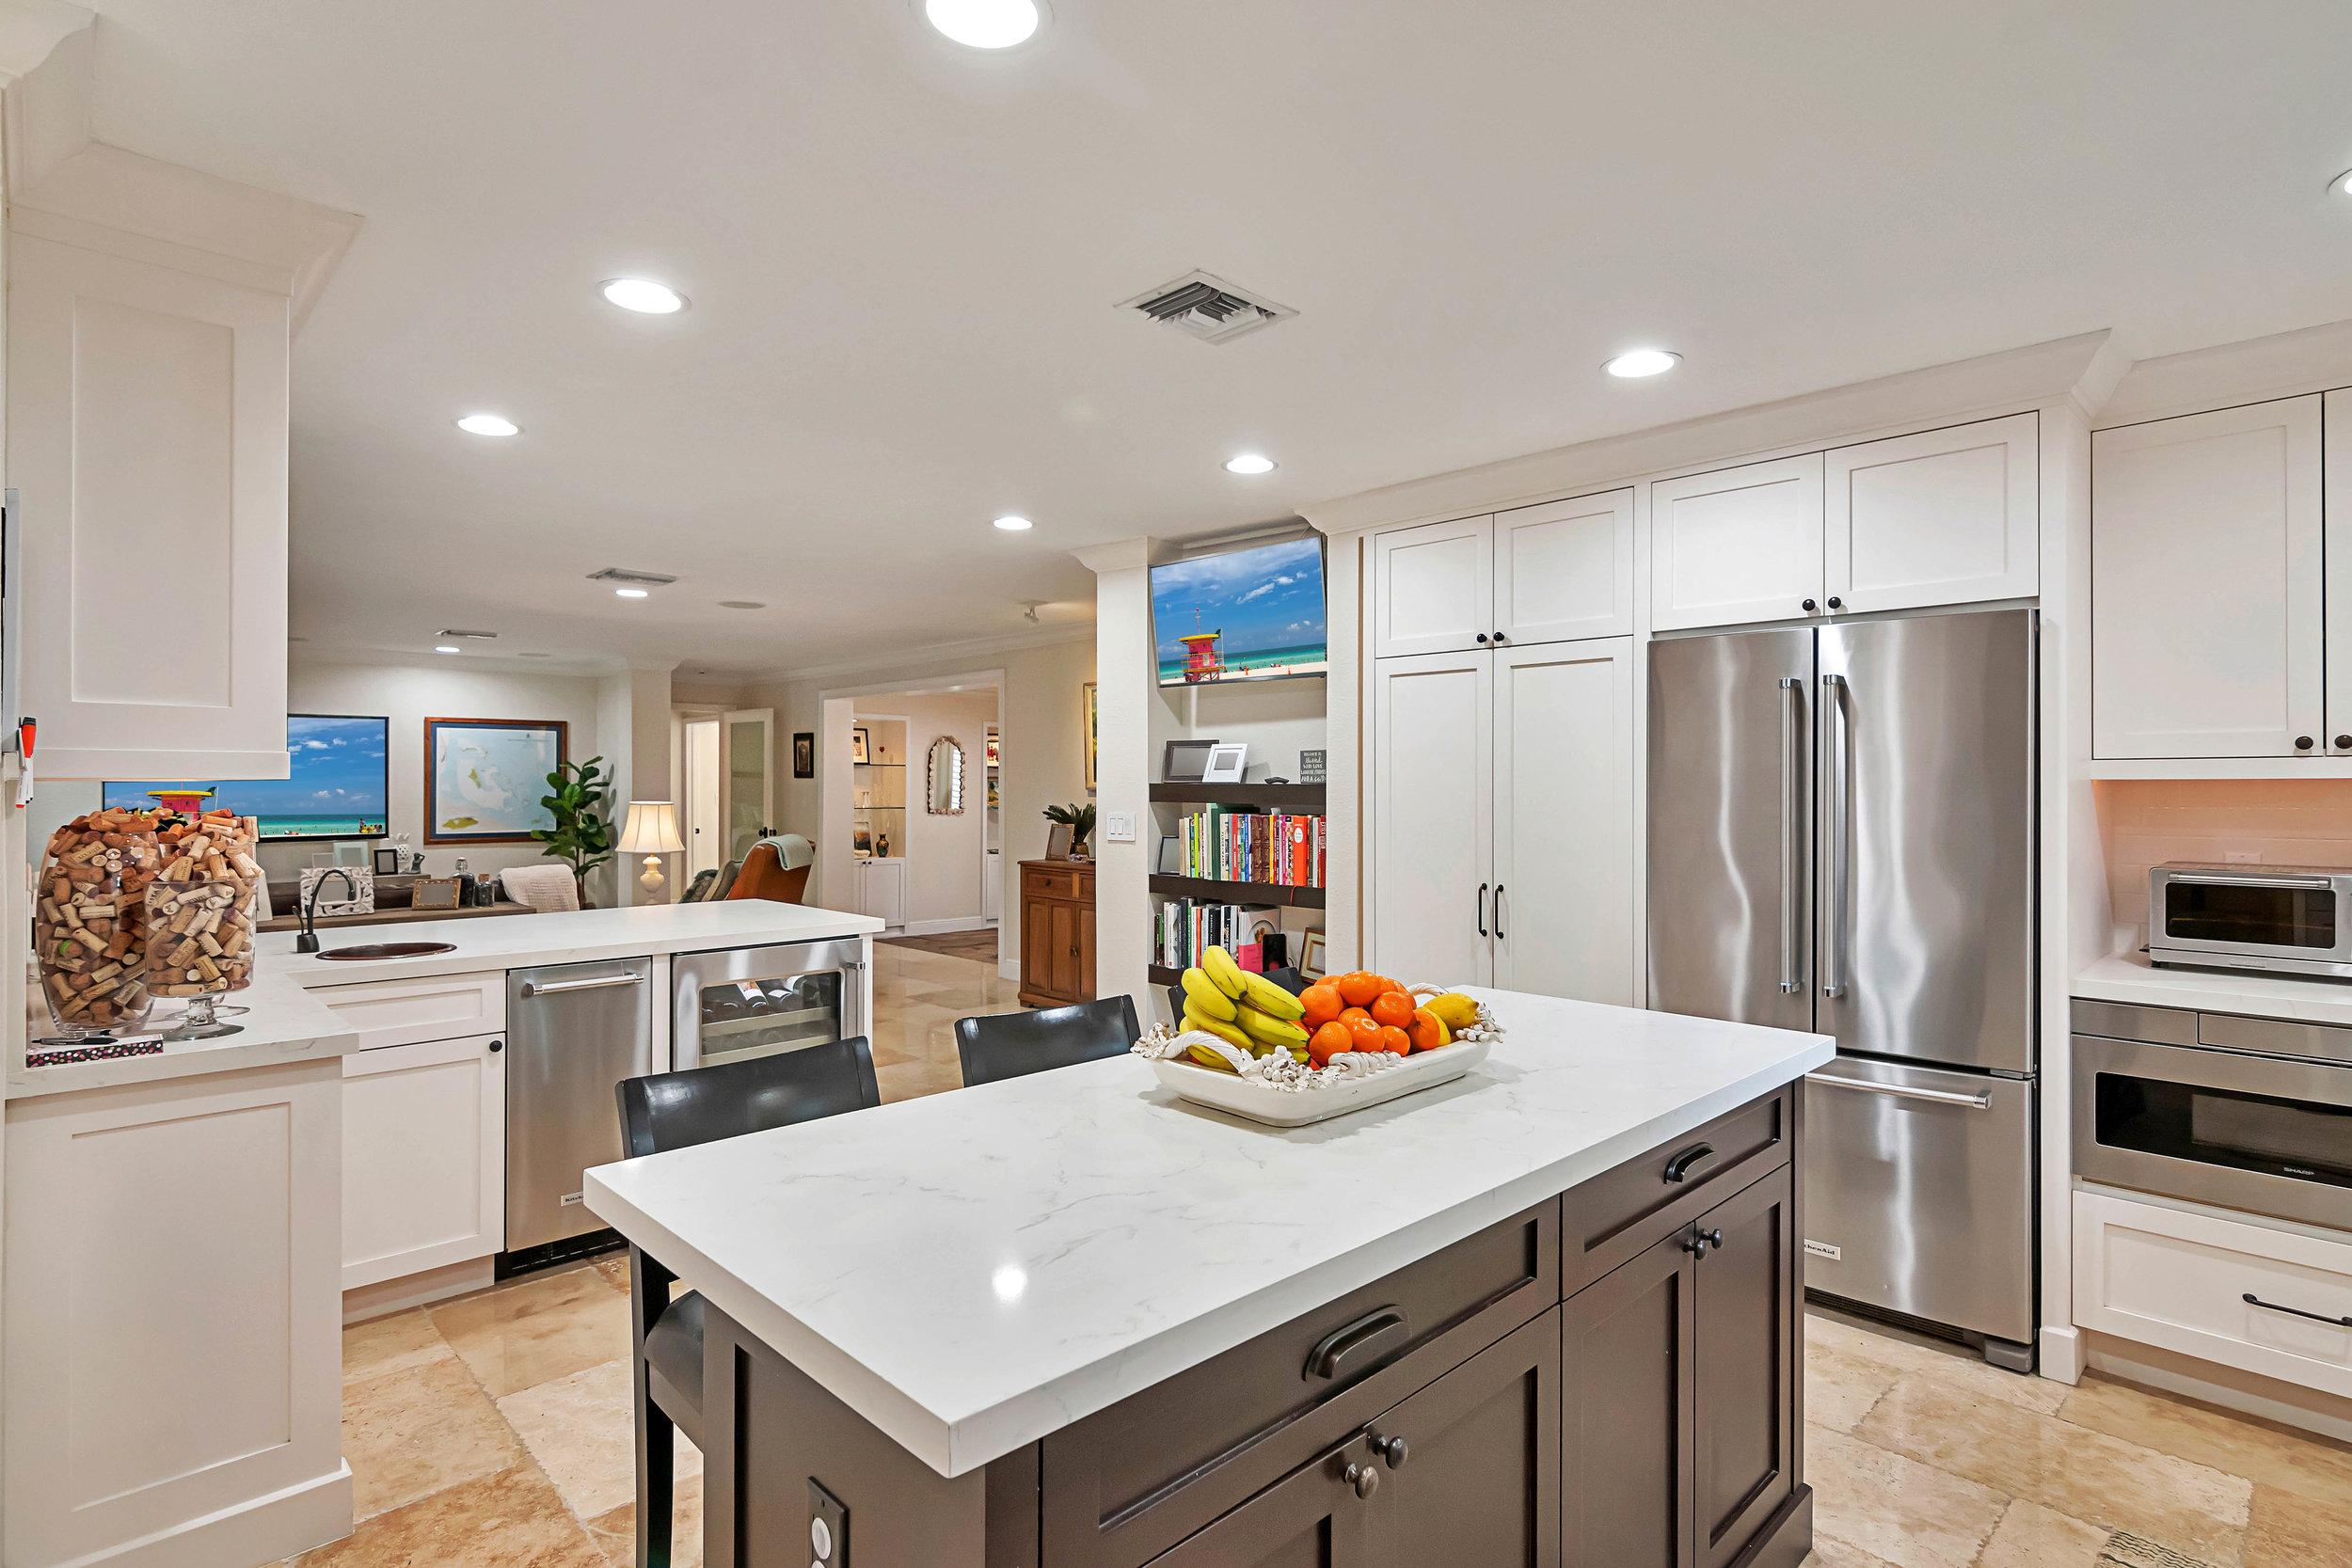 6450 kitchen3.jpg